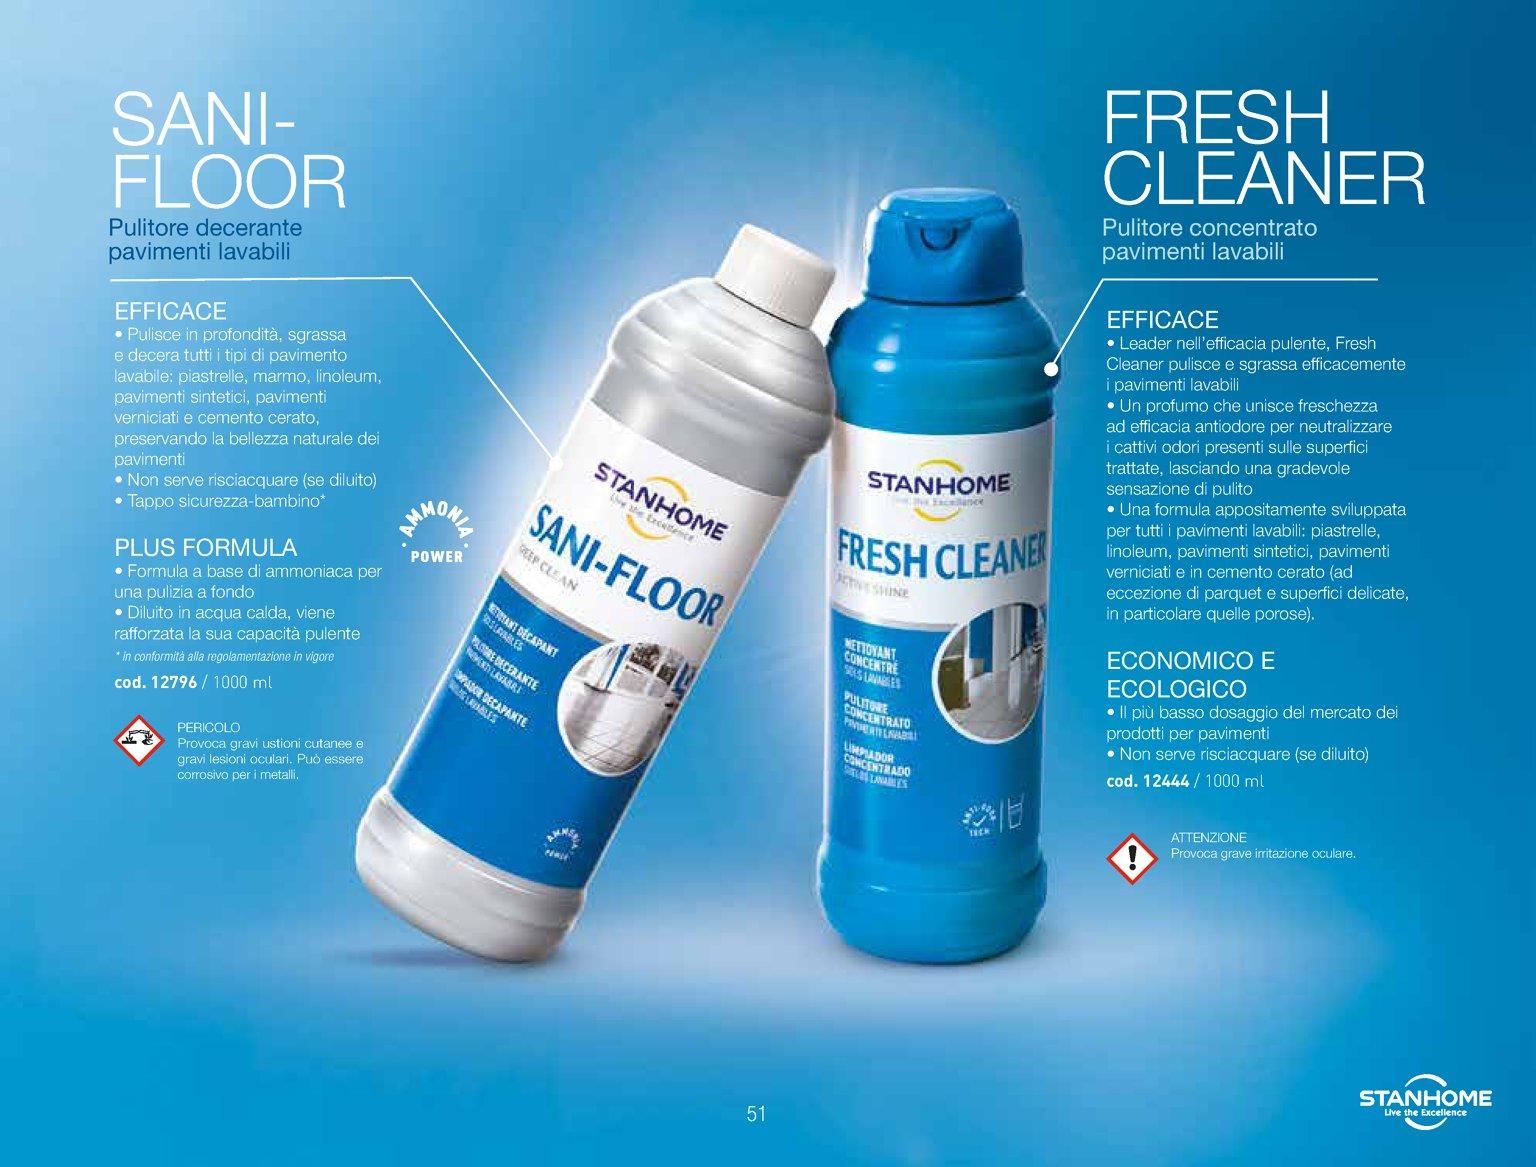 Prodotti per pulire il marmo simple come pulire il gres effetto marmo with prodotti per pulire - Prodotti per pulire casa ...